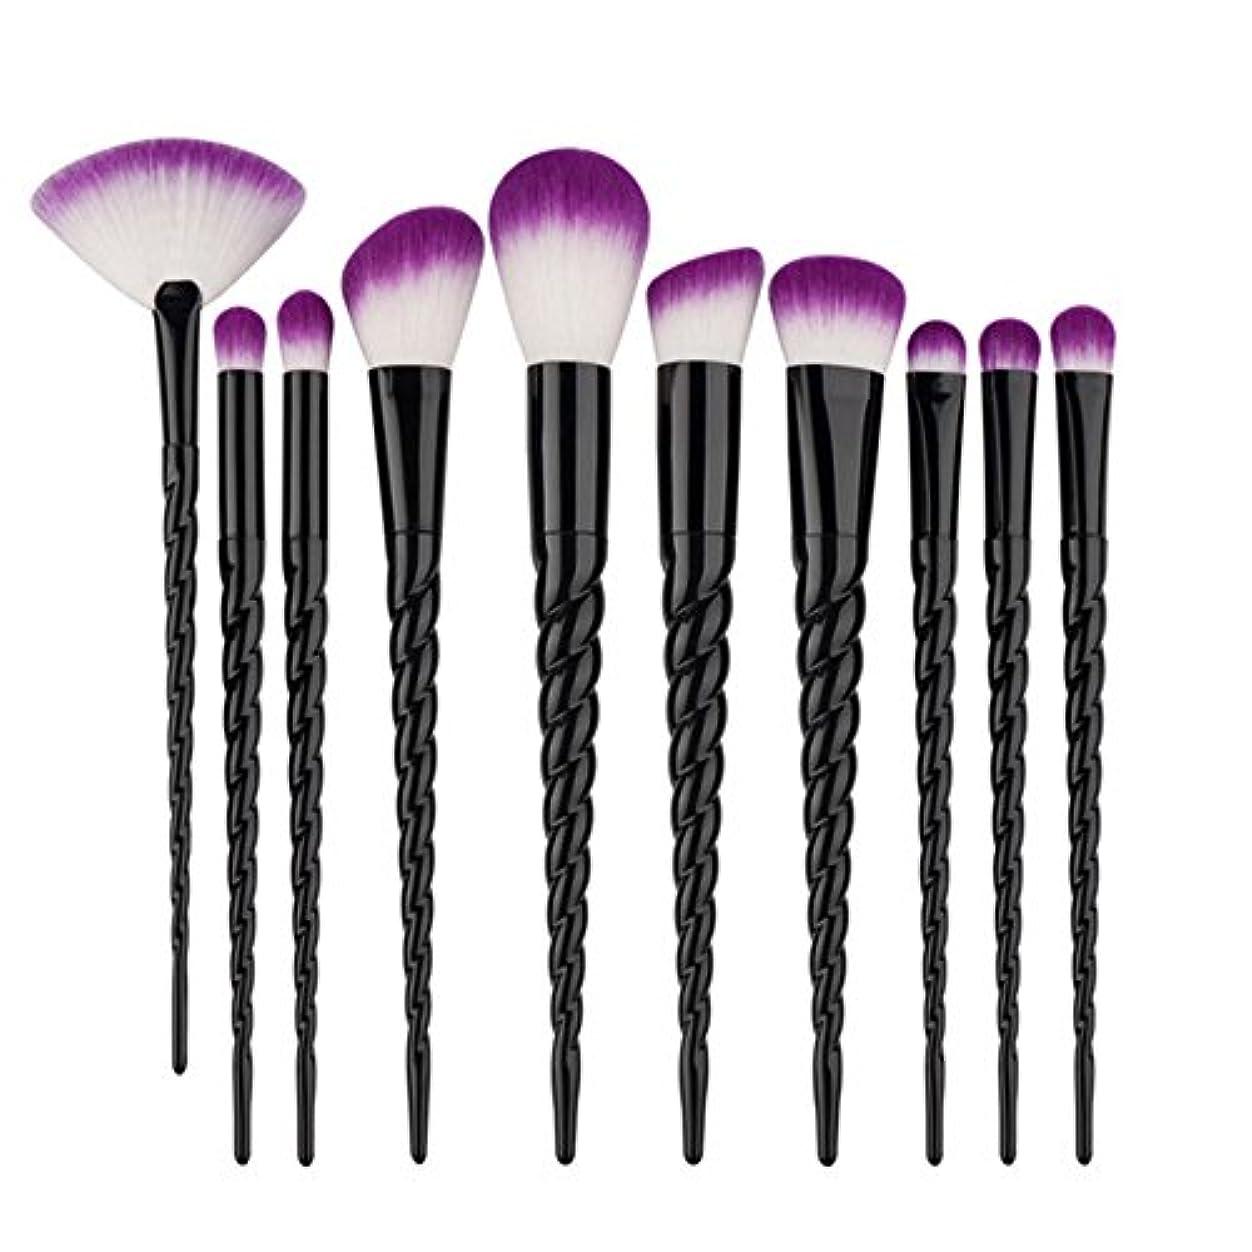 遵守する知事区Dilla Beauty 10本セットユニコーンデザインプラスチックハンドル形状メイクブラシセット合成毛ファンデーションブラシアイシャドーブラッシャー美容ツール (ブラック)